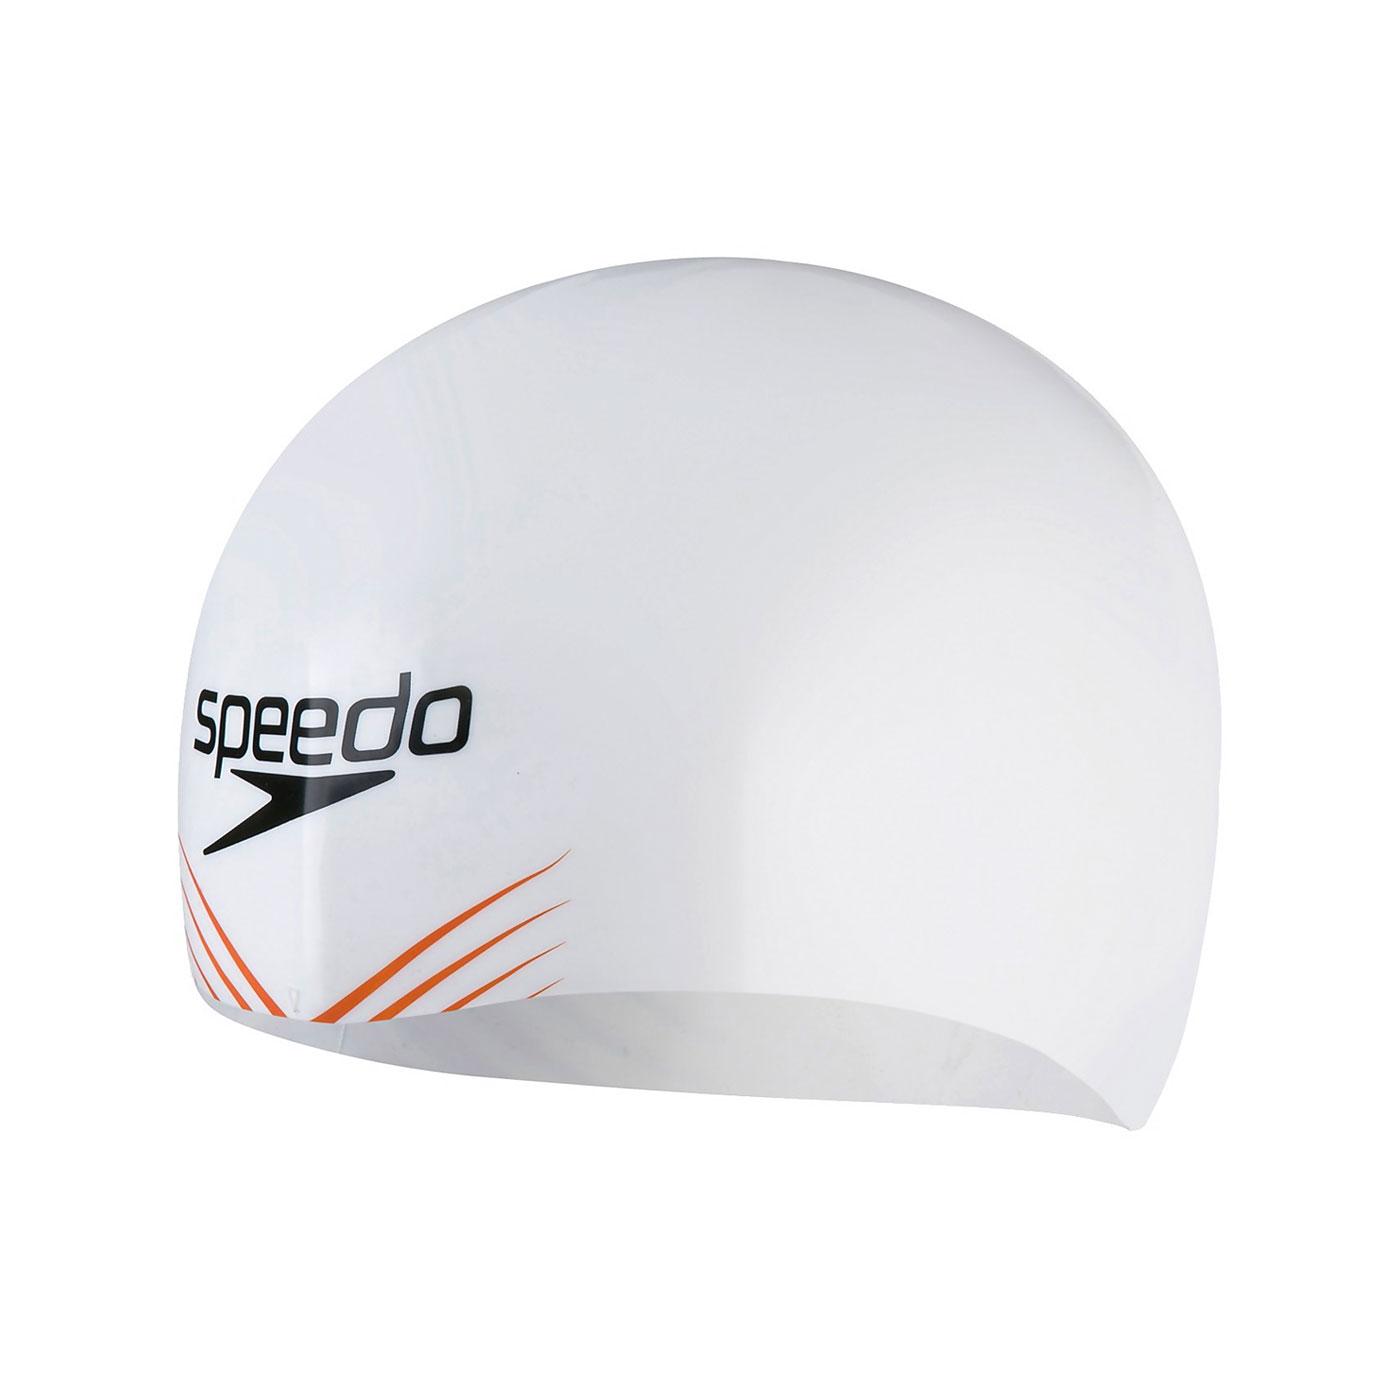 SPEEDO 成人競技矽膠泳帽 SD808216F931 - 橘白黑